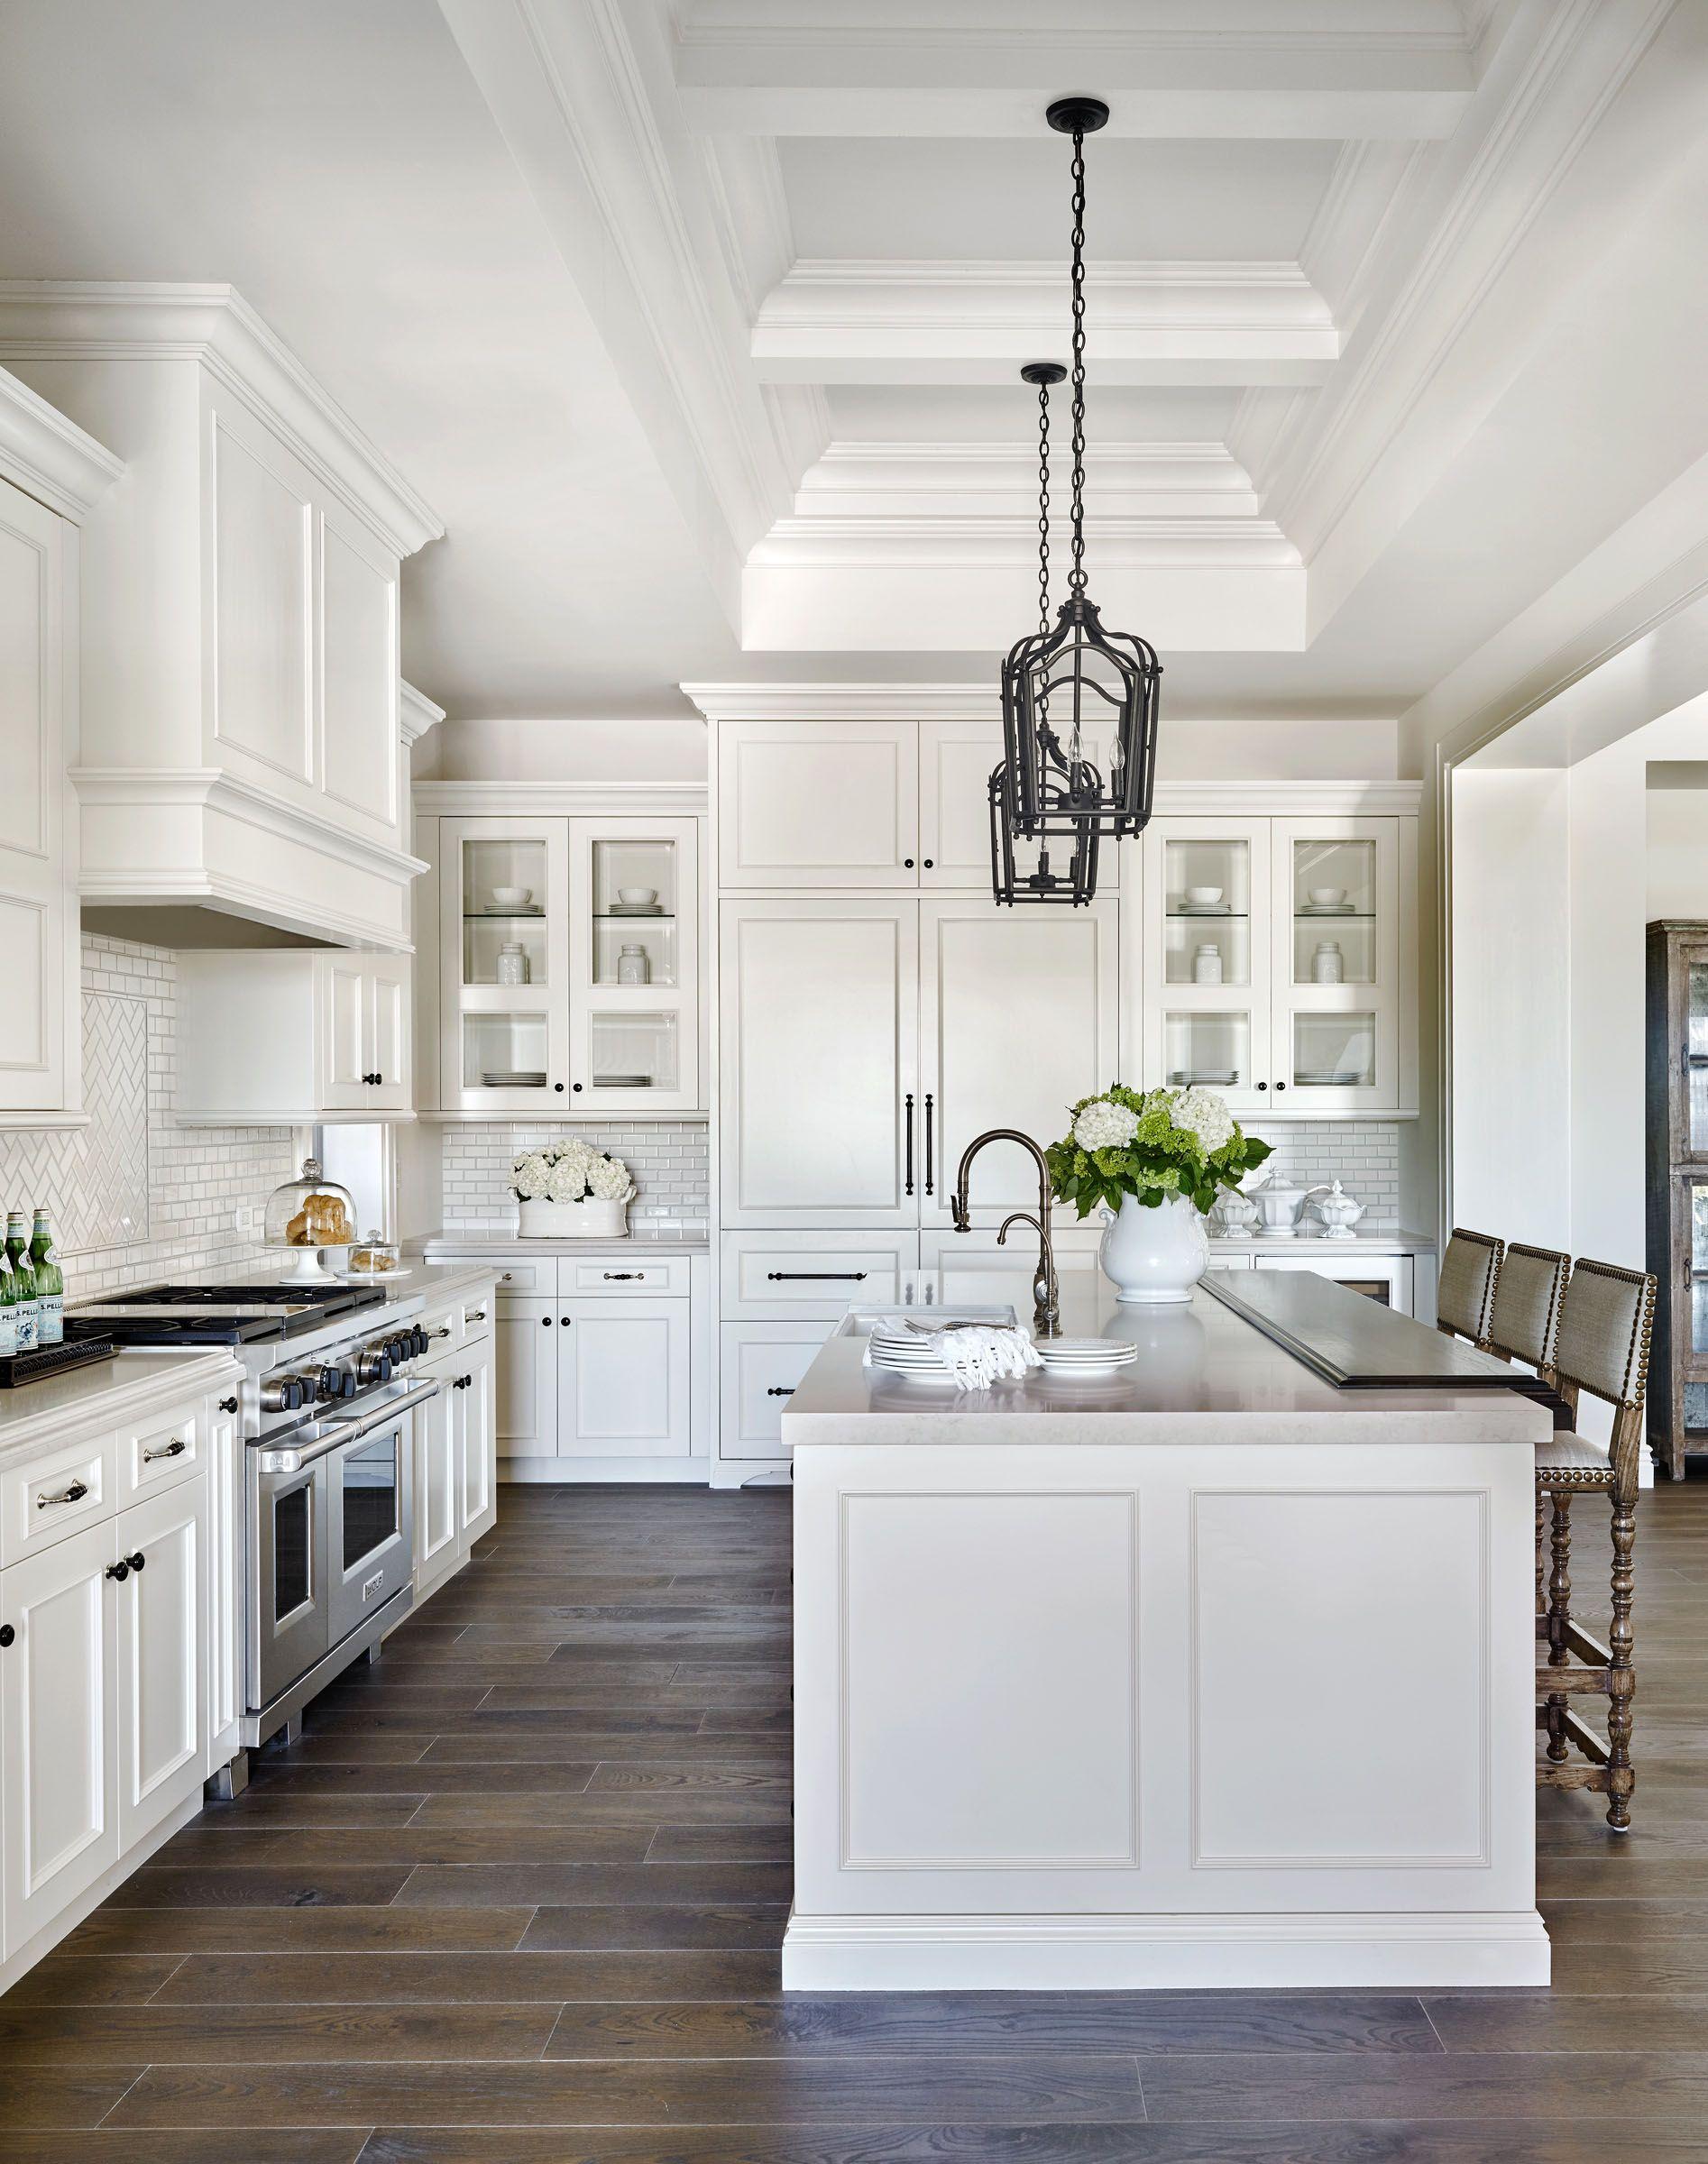 pin on kitchens on kitchen ideas elegant id=62439